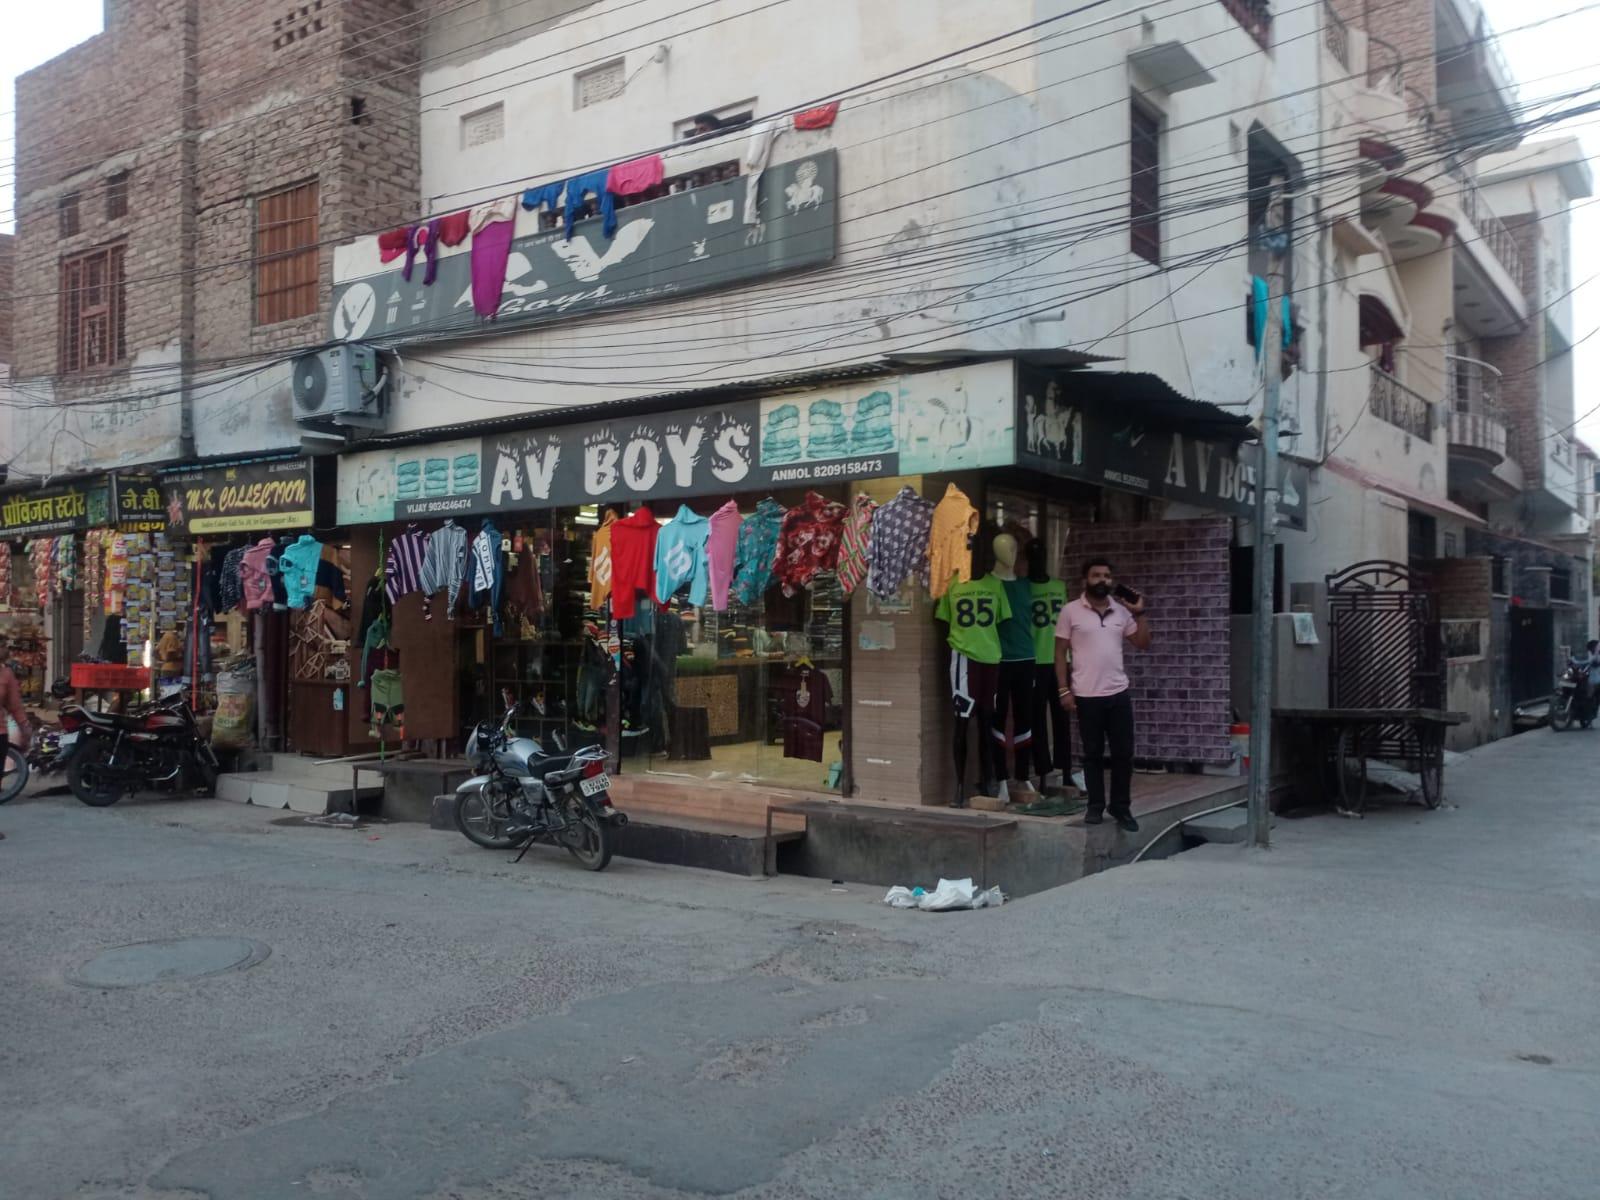 इंदिरा कॉलोनी की गली संख्या दस में दुकान जहां युवक पर हमला किया गया। - Dainik Bhaskar